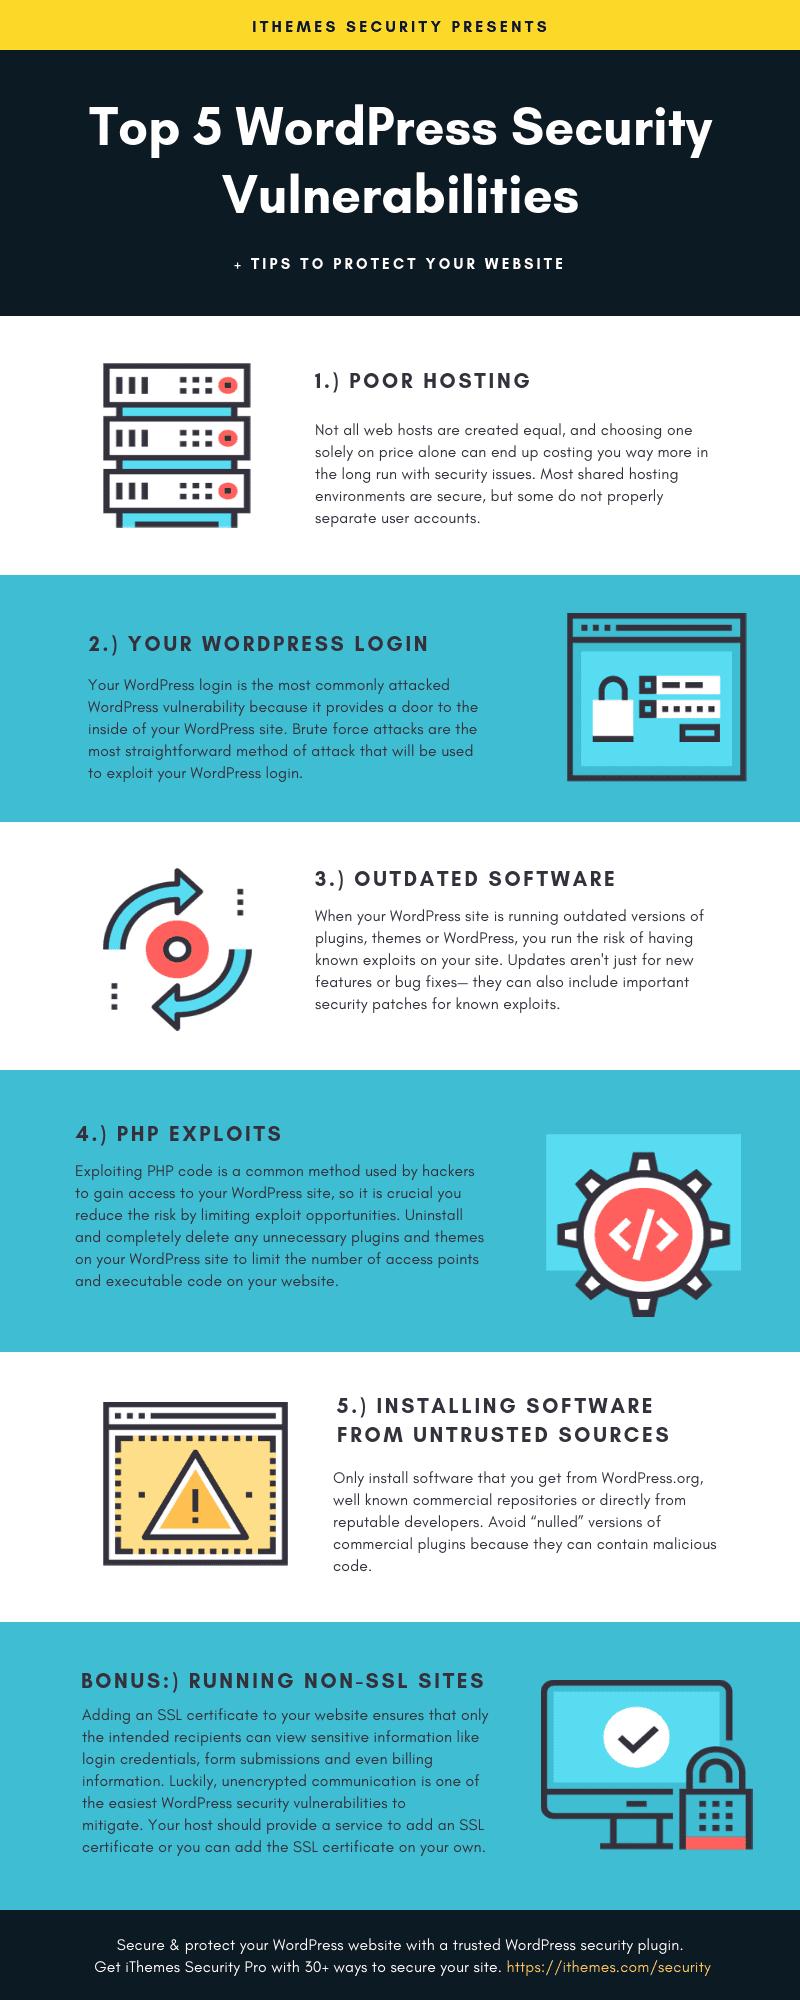 Top 5 WordPress Security Vulnerabilities